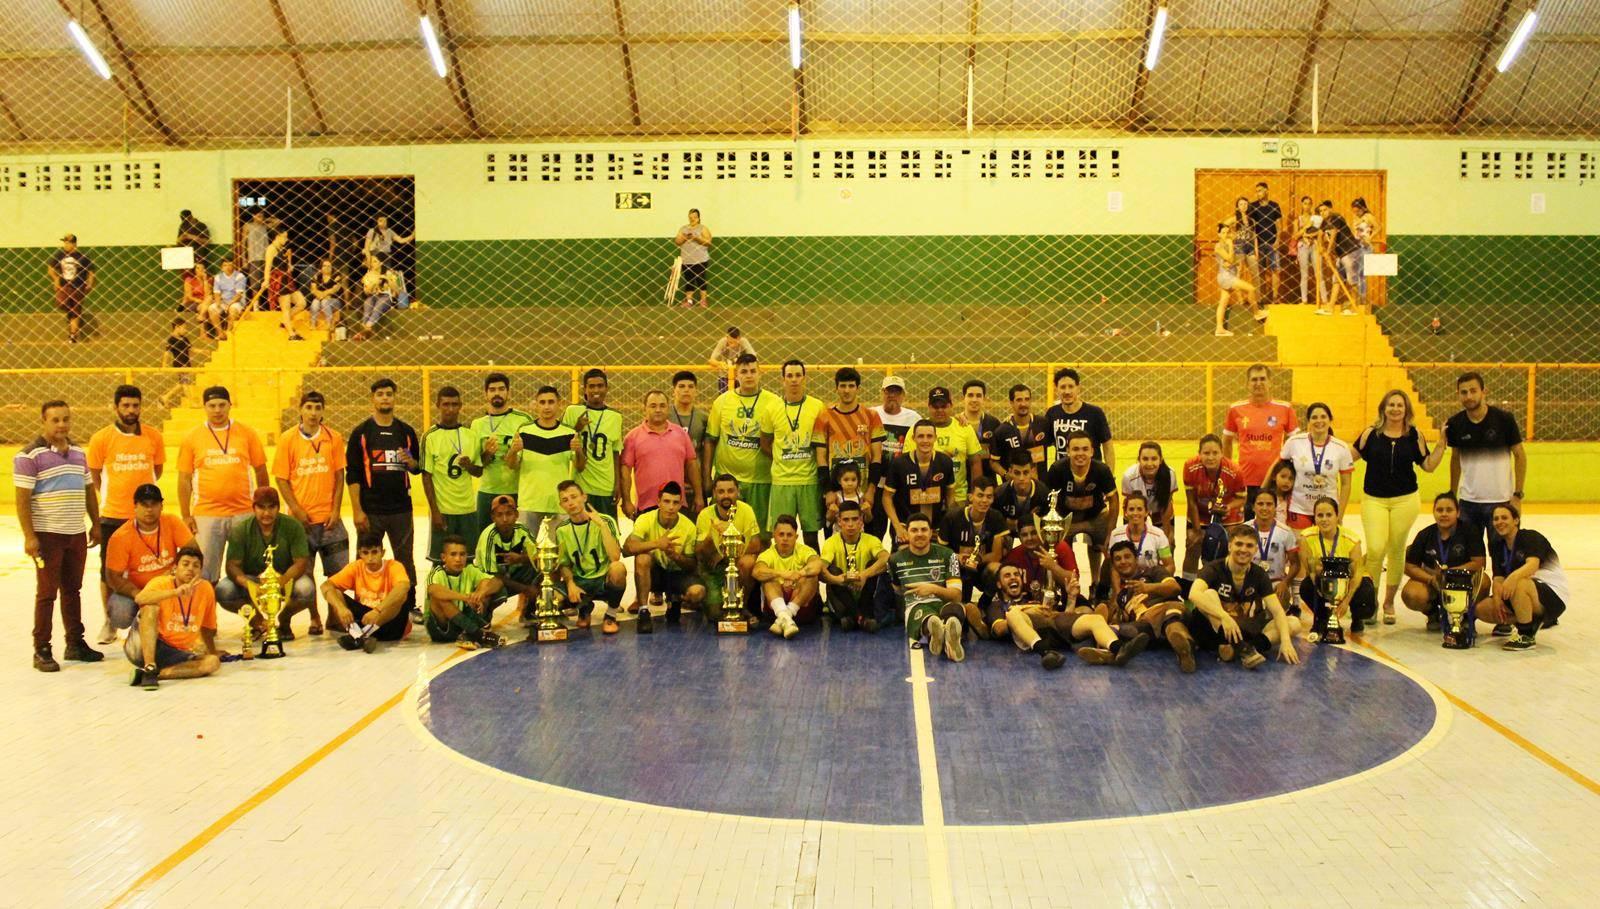 Aranhas da Bola e Boleiras venceram o Campeonato Municipal de Futsal de São Luiz Gonzaga